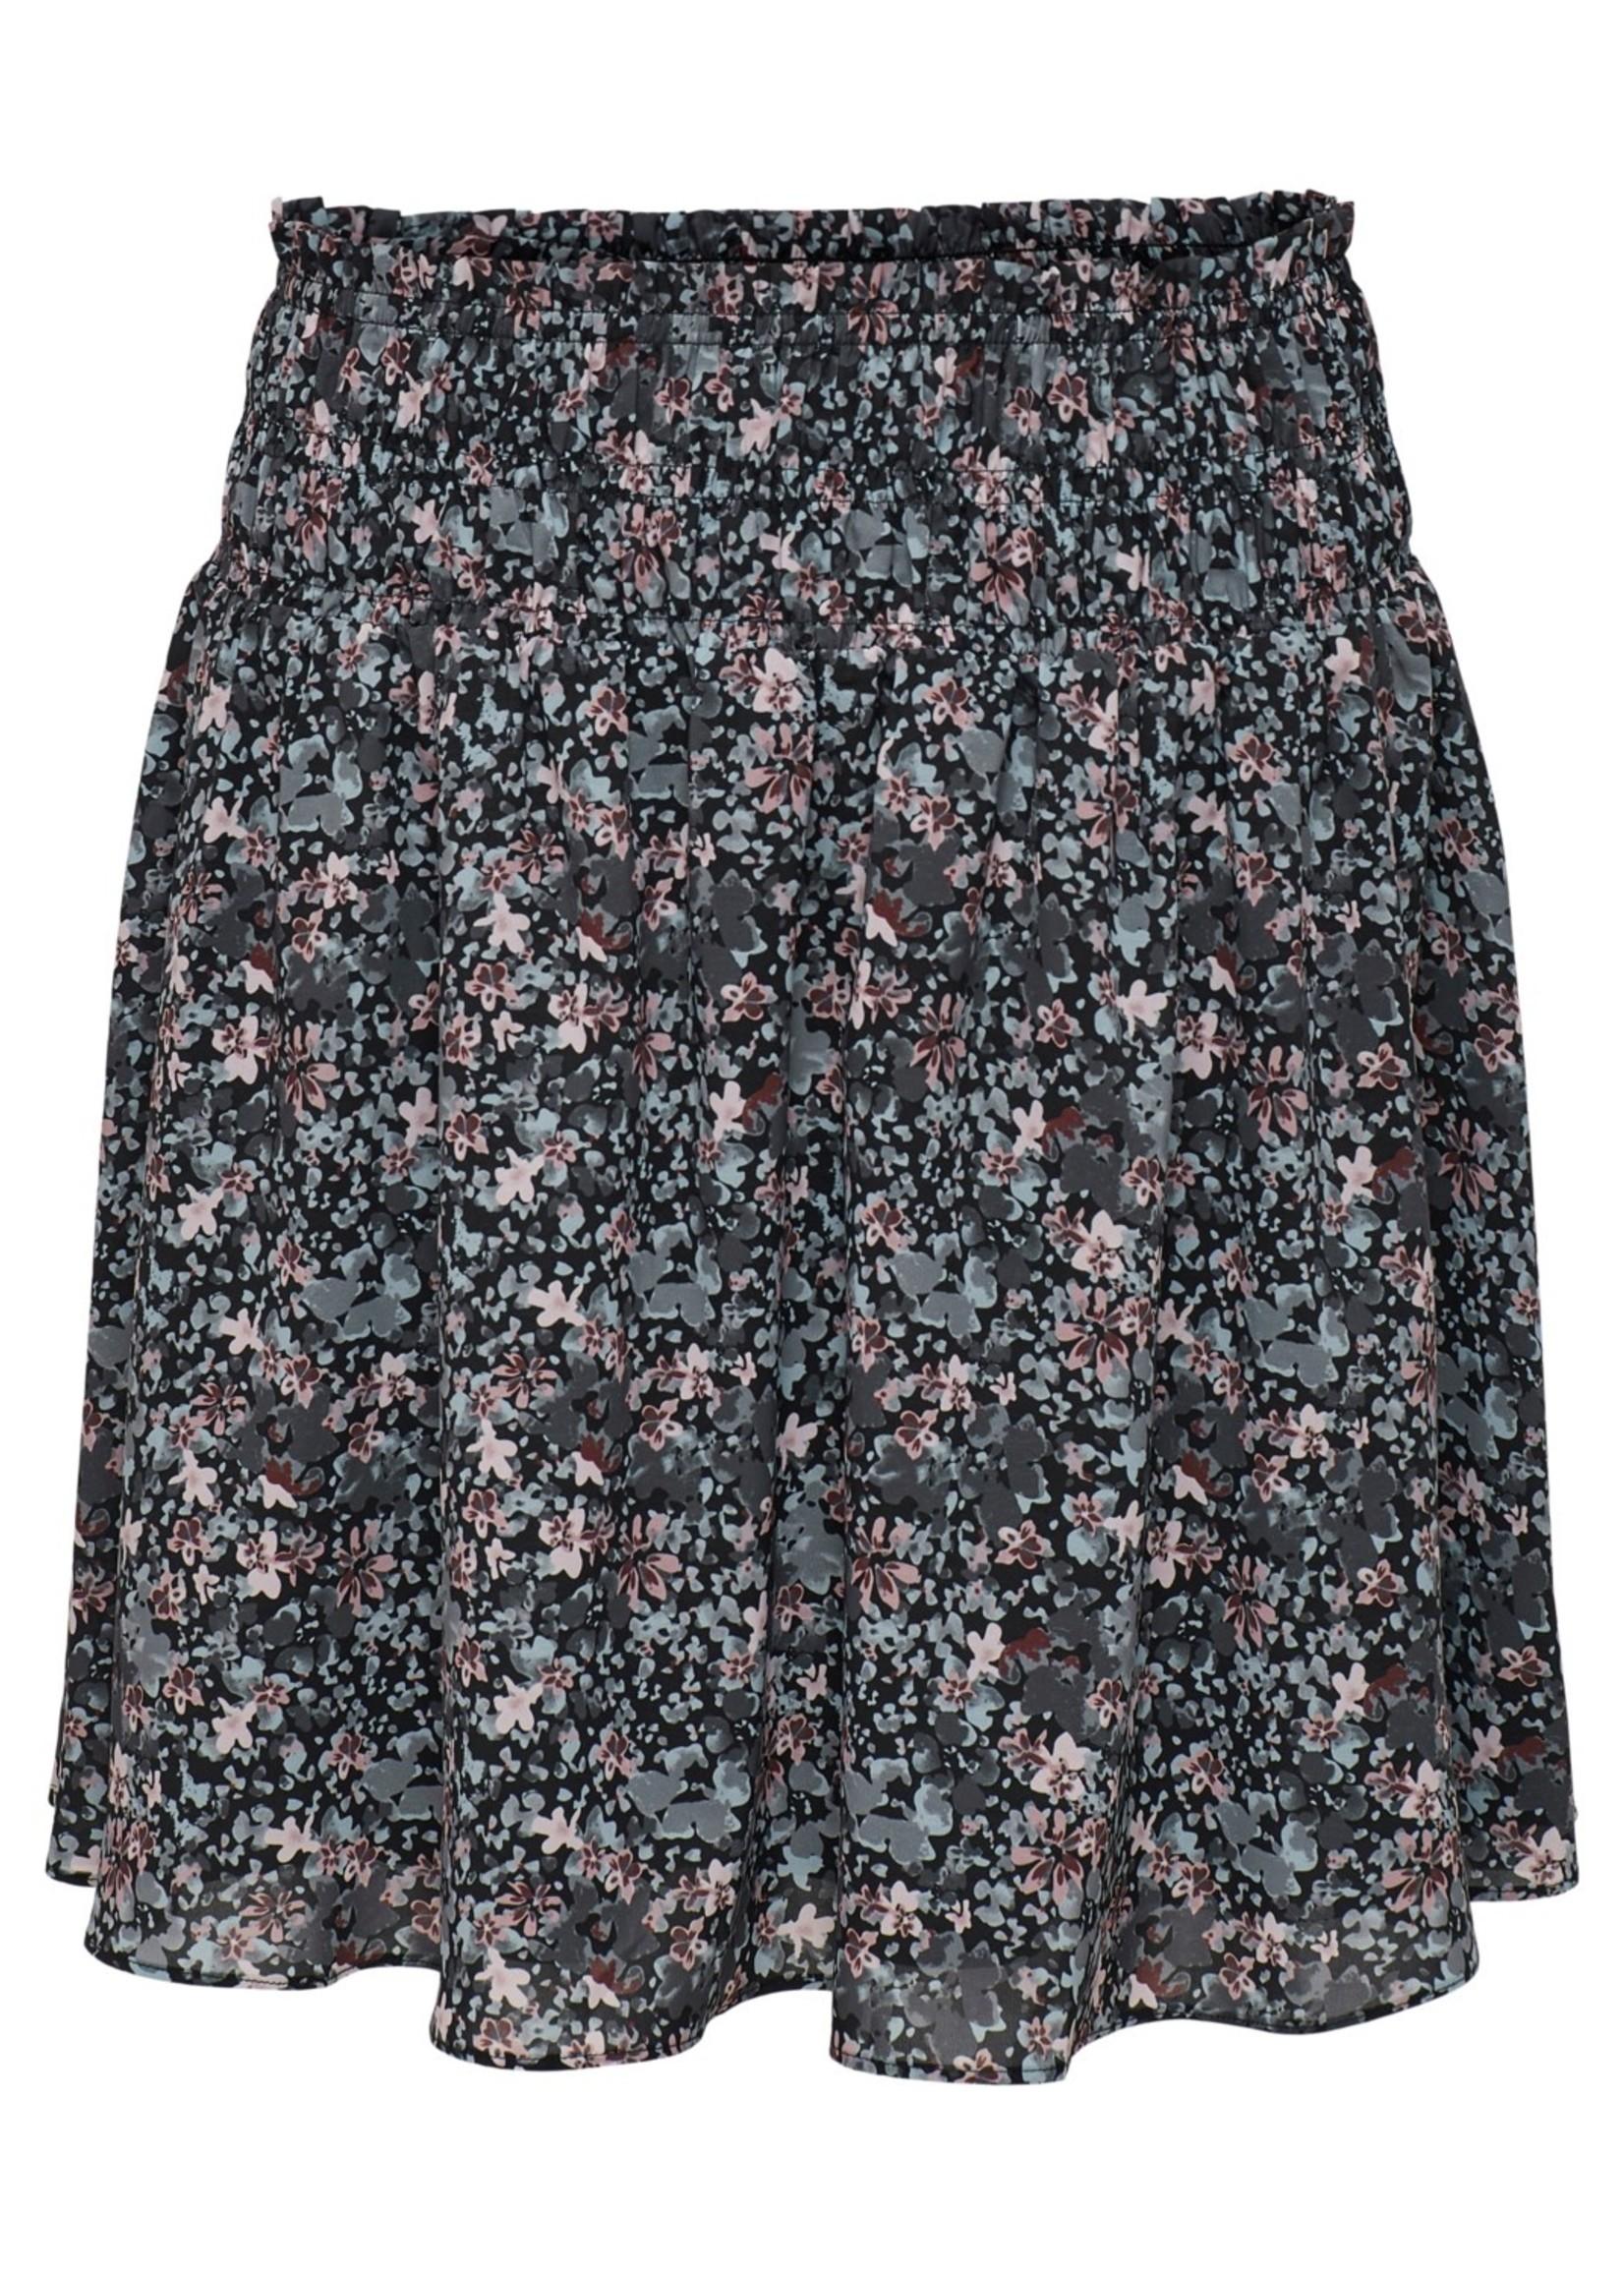 Only Carmakoma Only Carmakoma Dusty Skirt